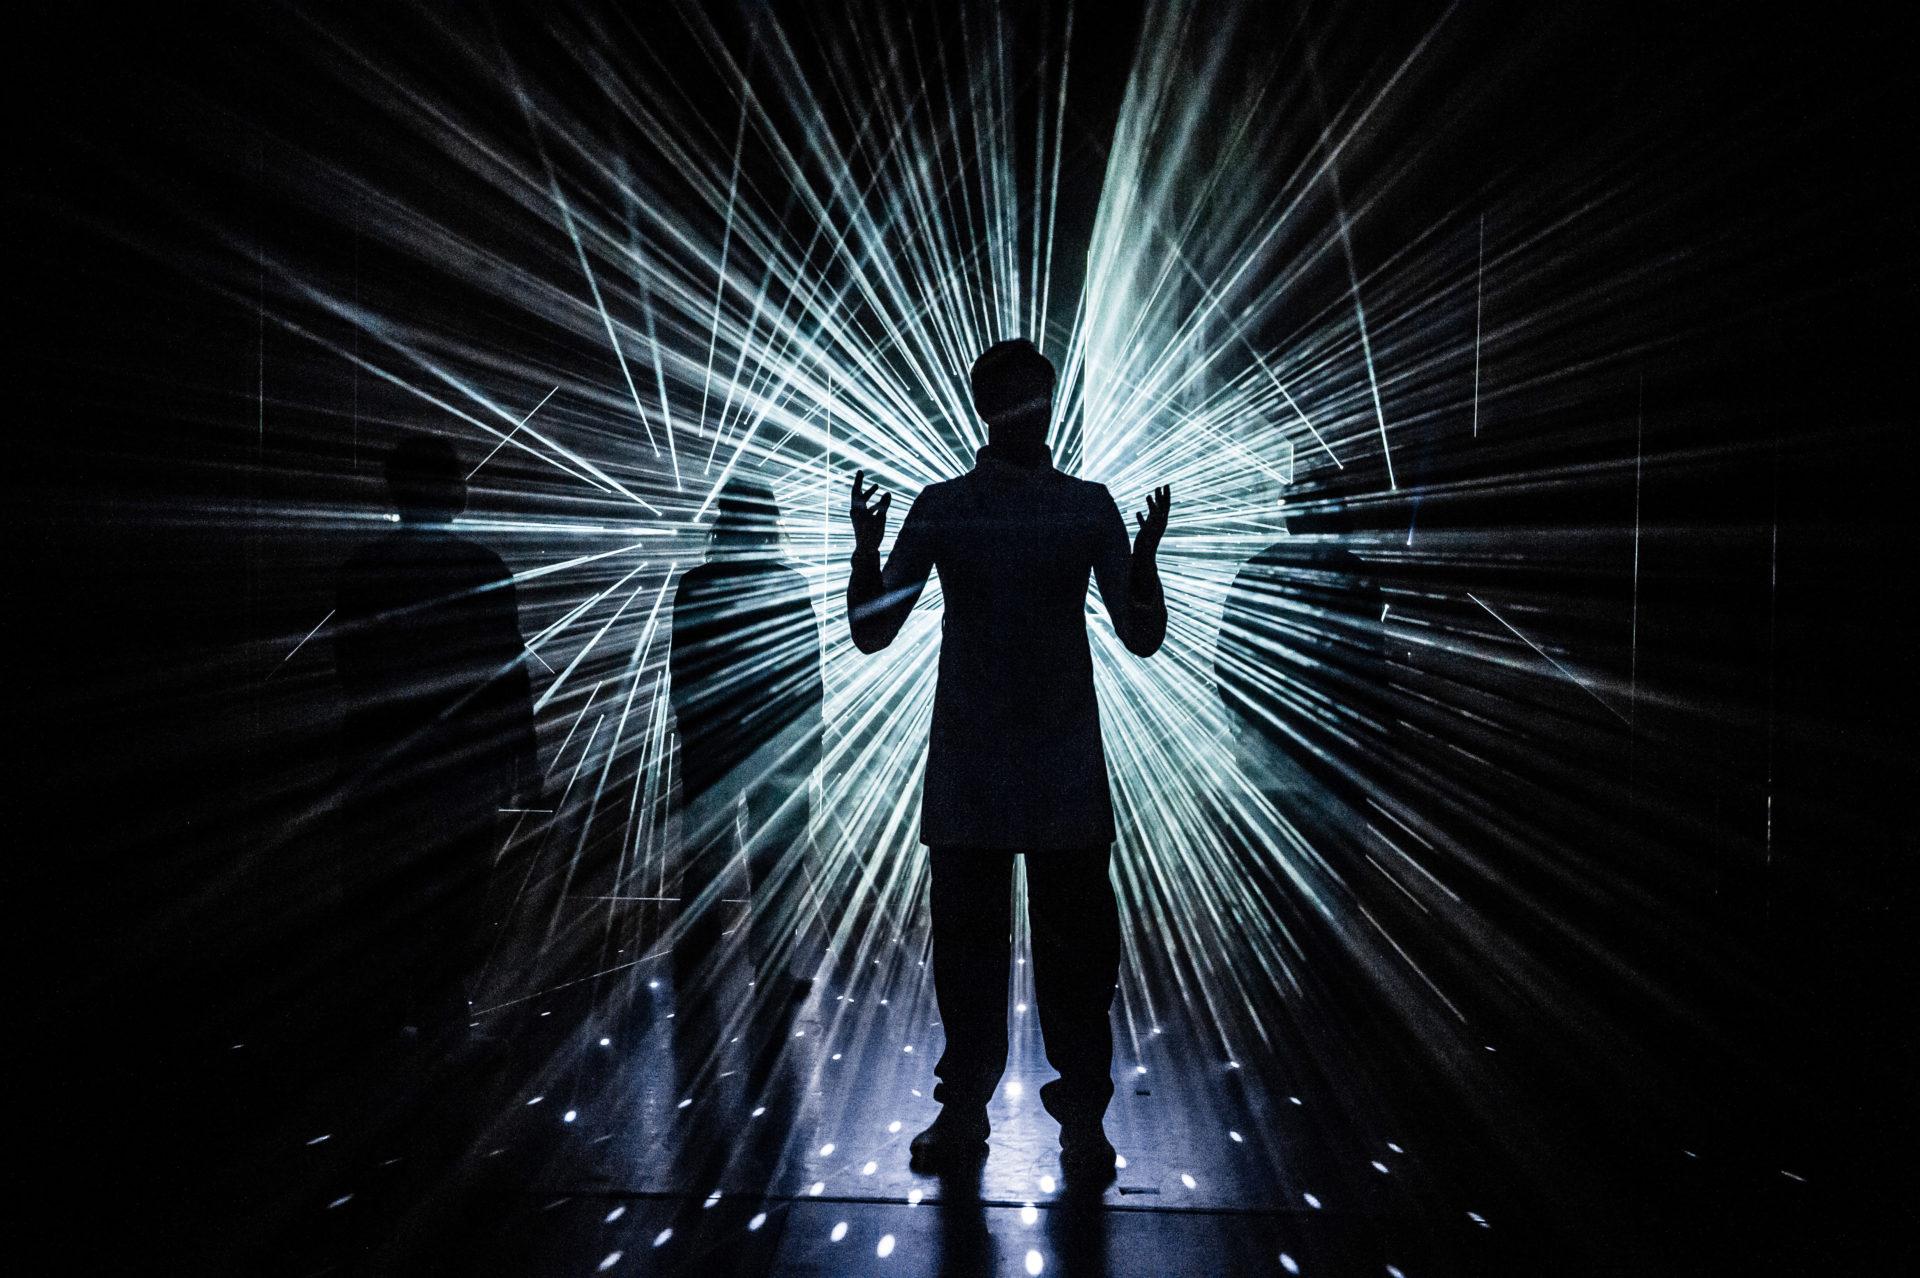 mannskikkelse foran laser